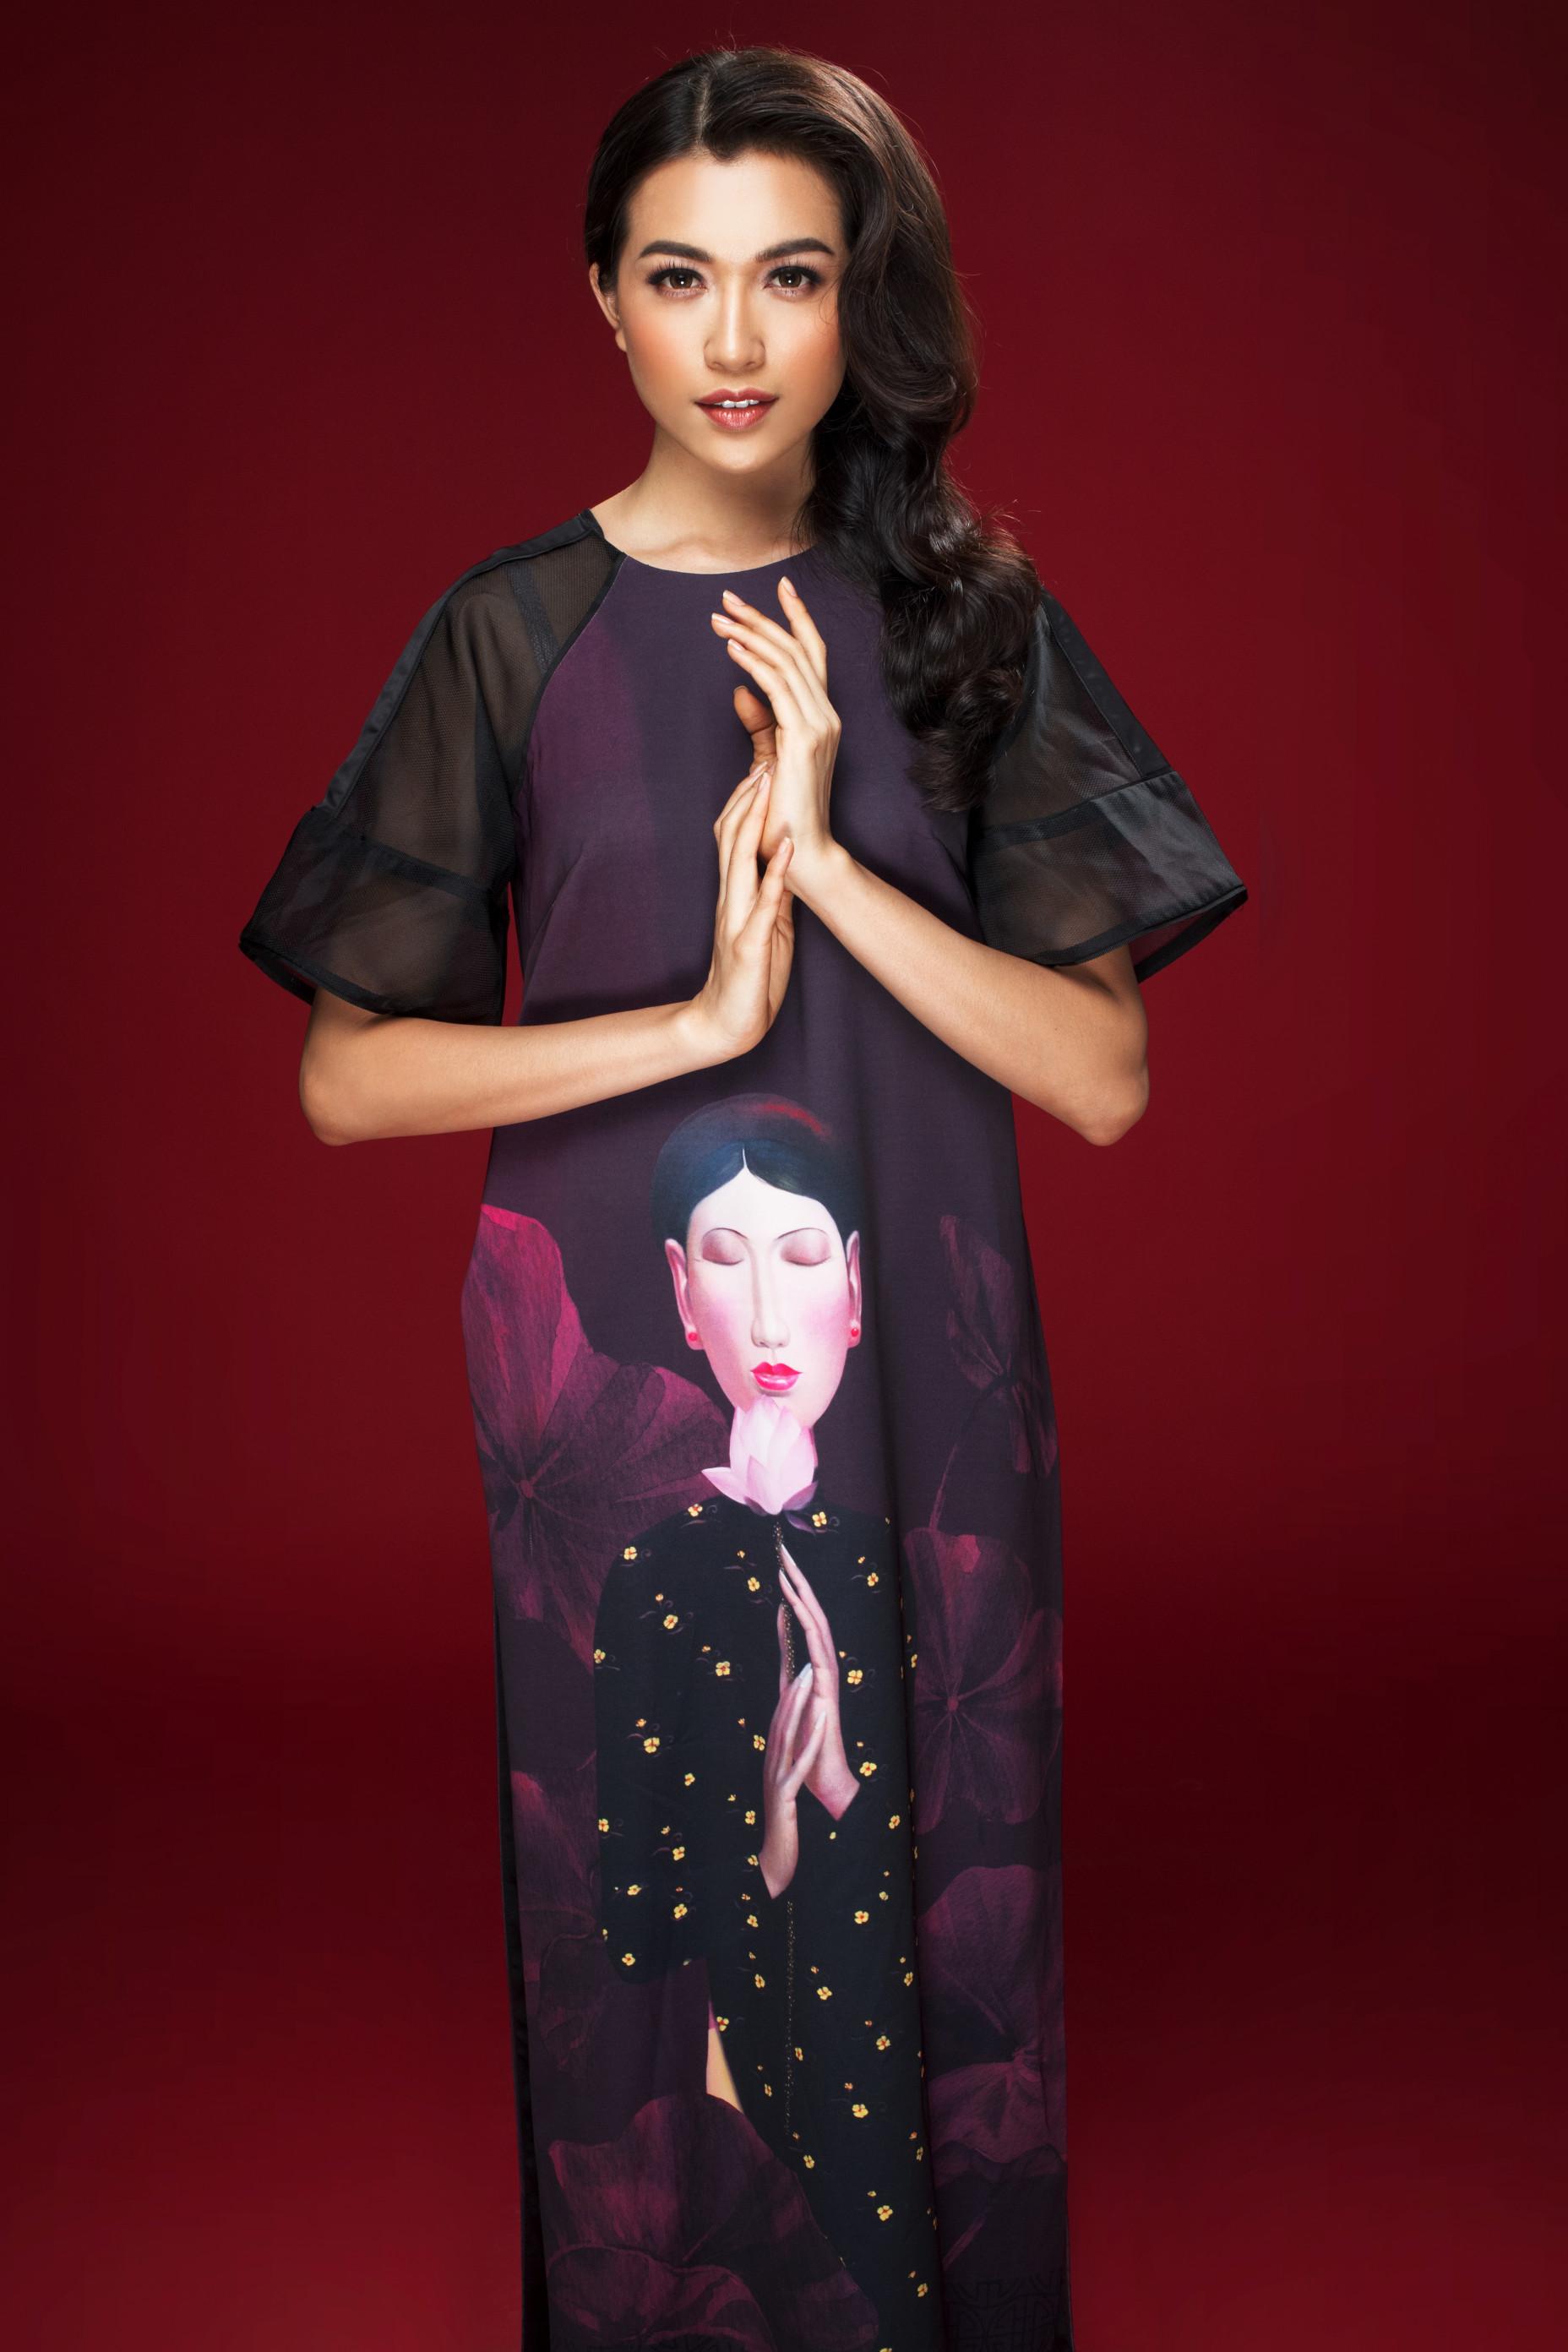 Lệ Hằng Miss Universe - elle vietnam 10